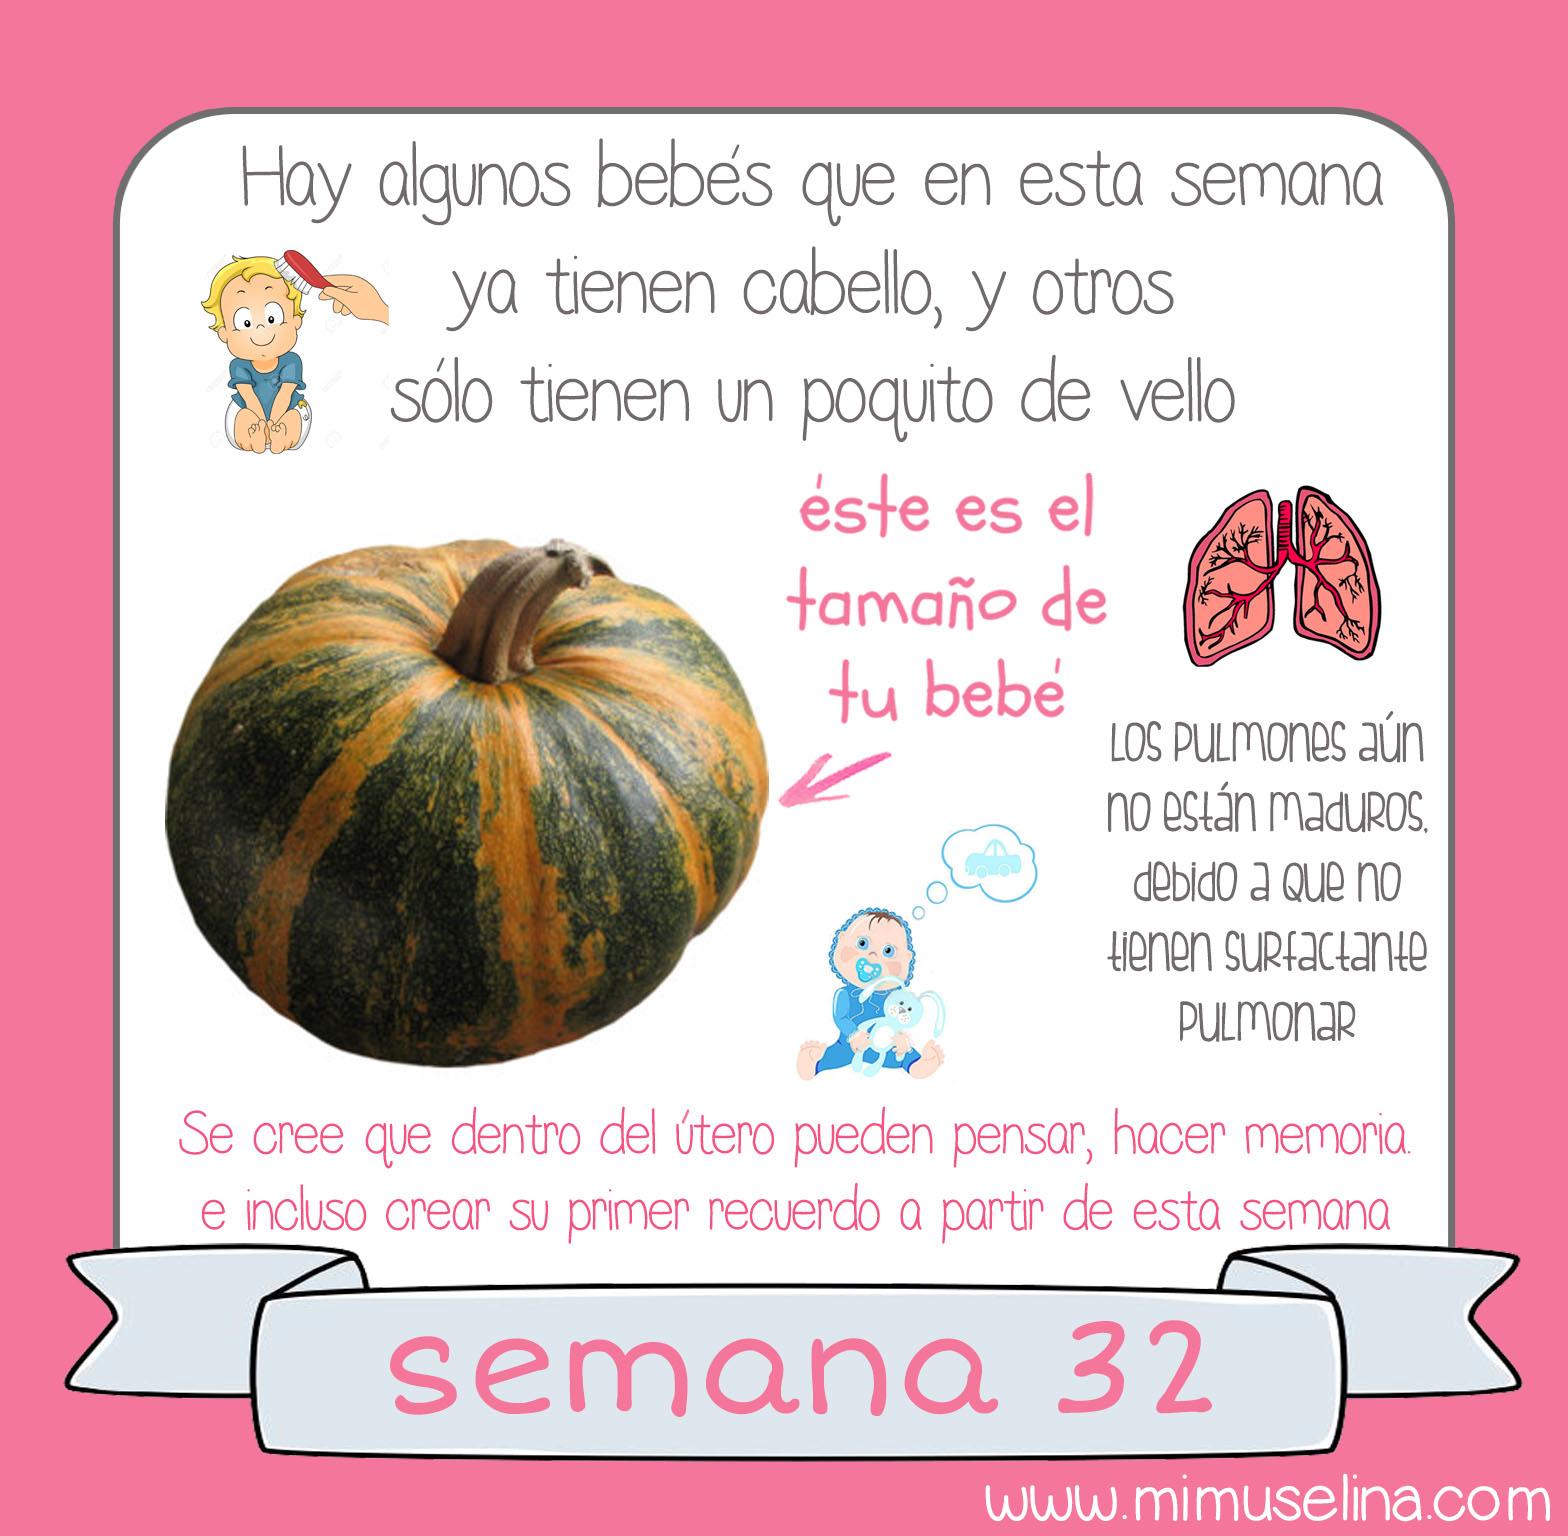 Bebeblog by mimuselina tu beb semana a semana - 28 semanas de embarazo cuantos meses son ...